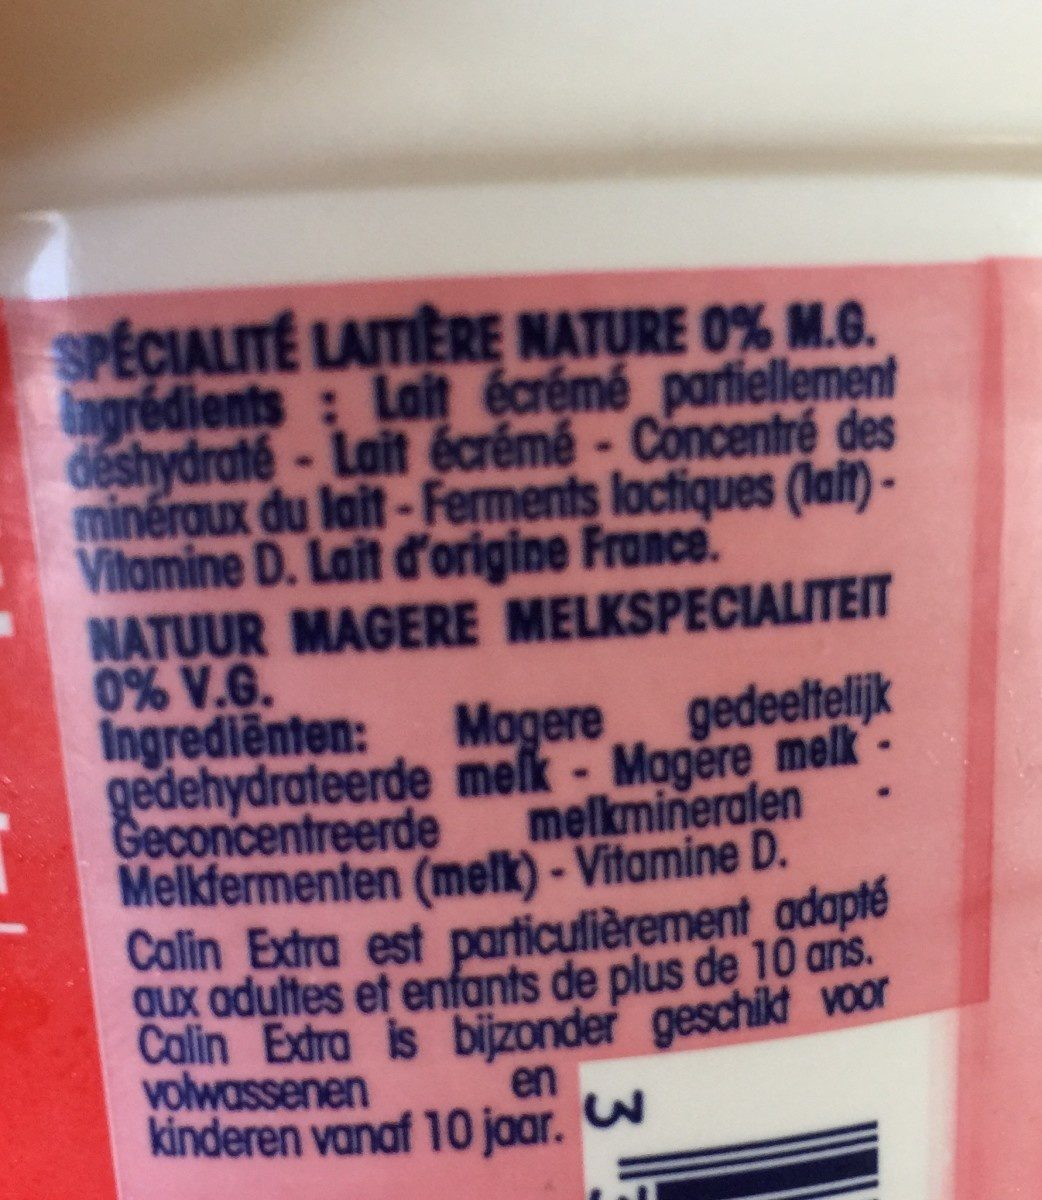 Câlin extra 0% - Ingredients - fr